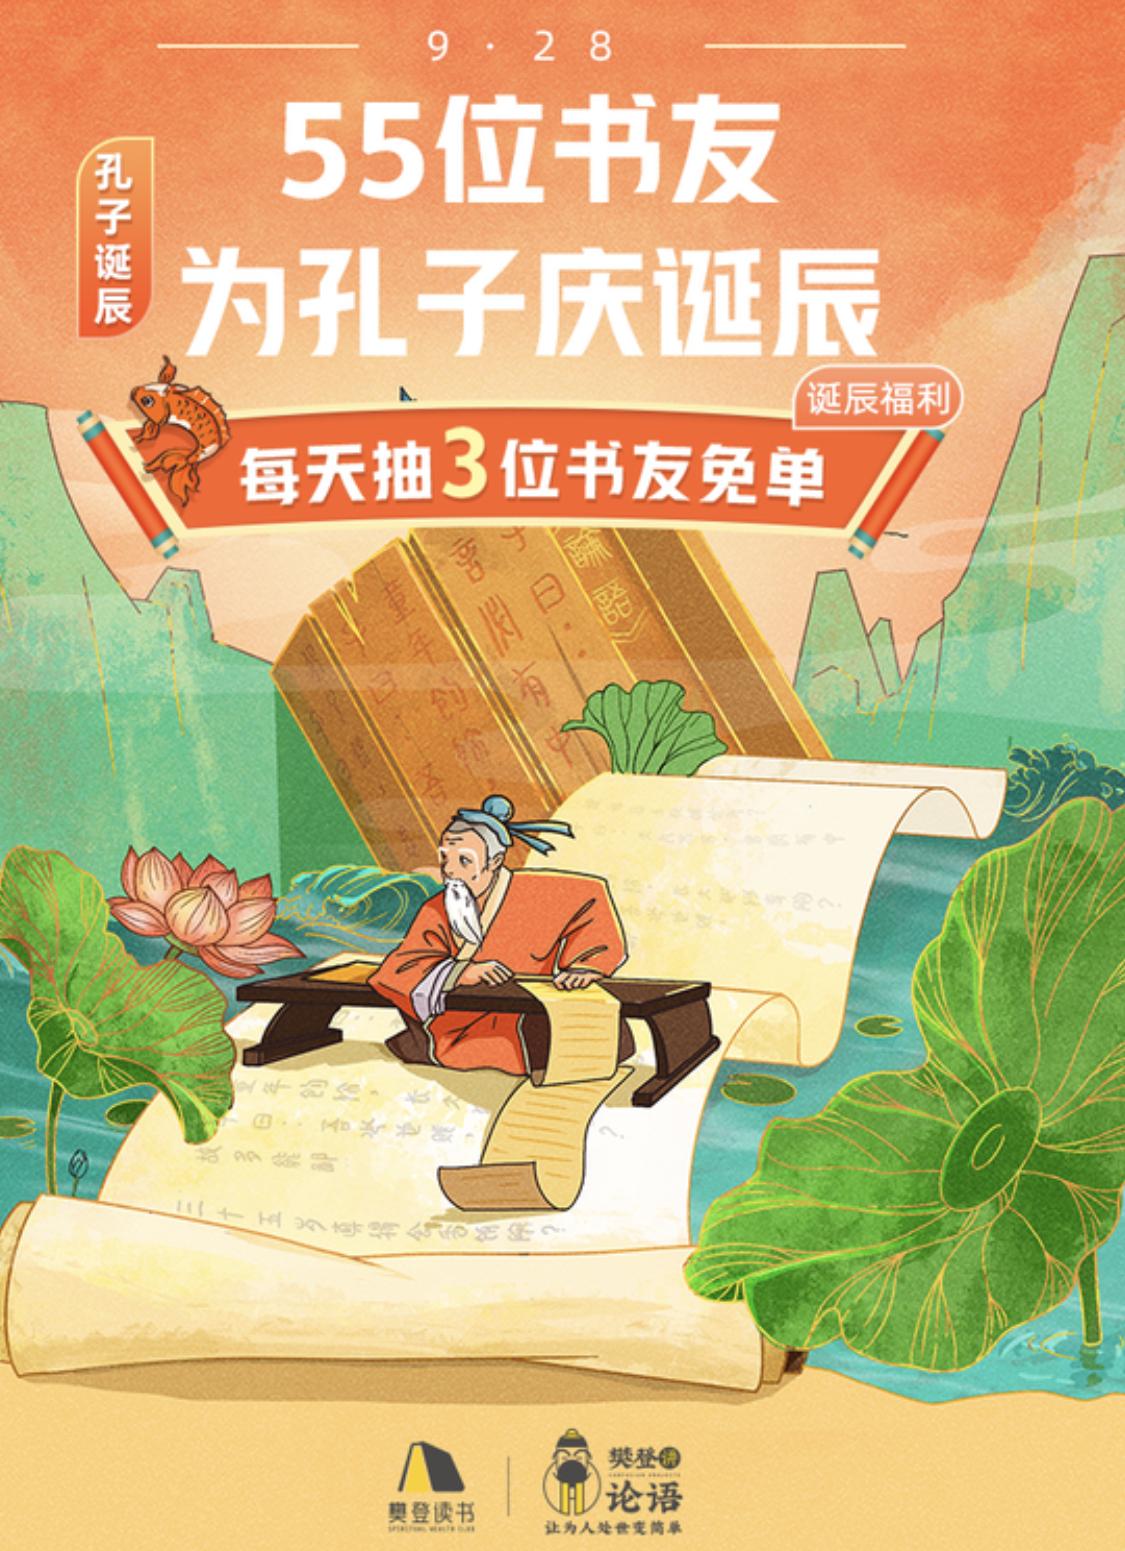 纪念孔子诞辰,樊登读书联合书友致敬国学经典